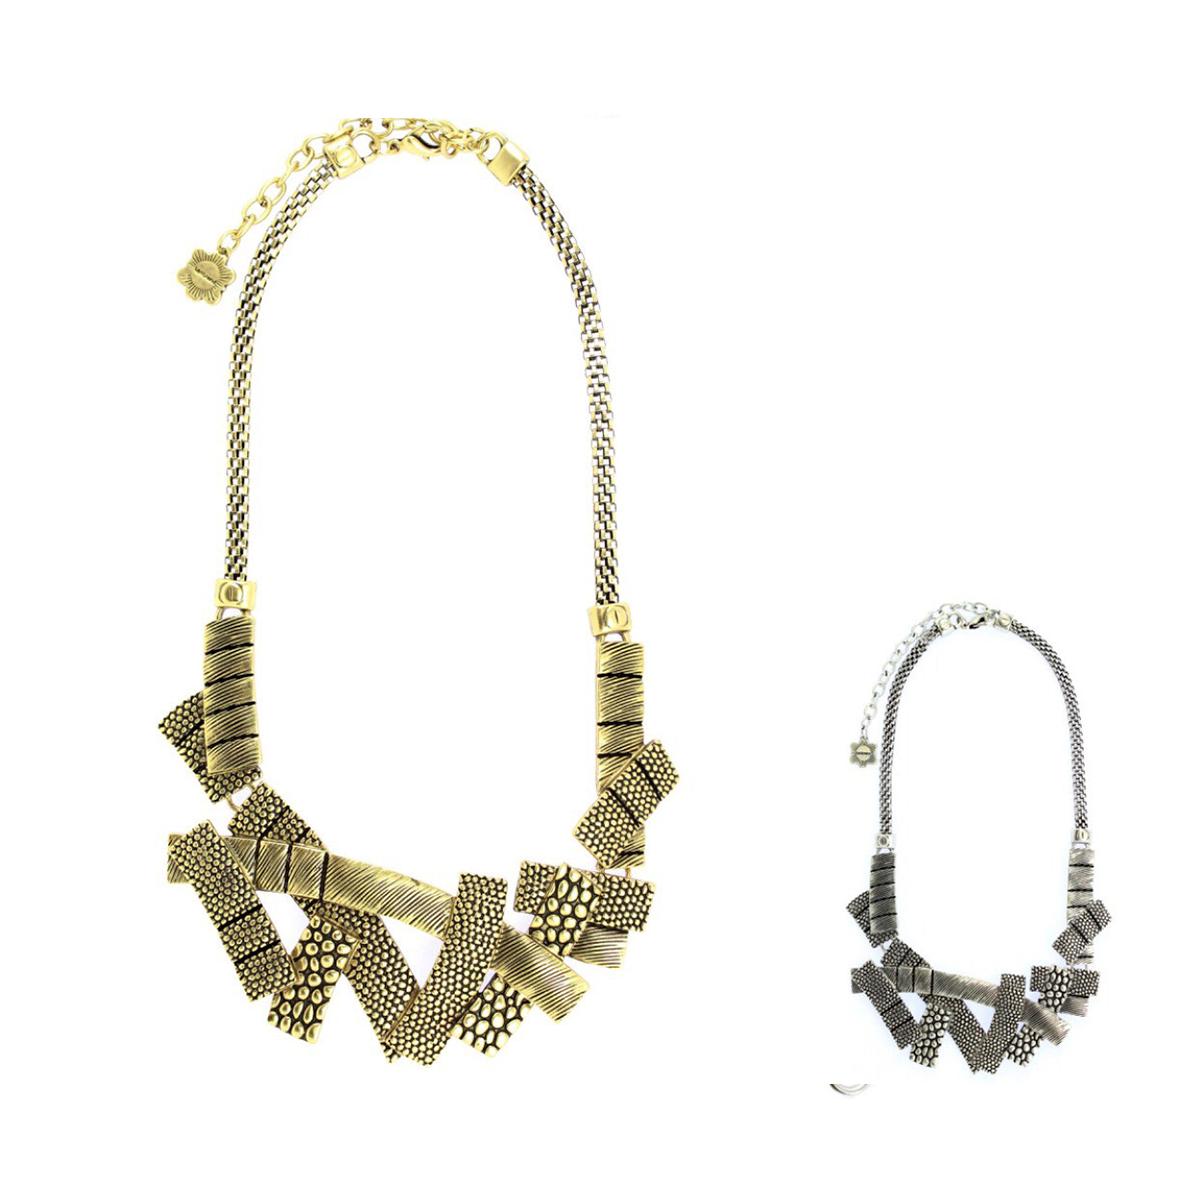 #Complementos #Accesorios #Collares #RaquelModaIComplements #Terrassa